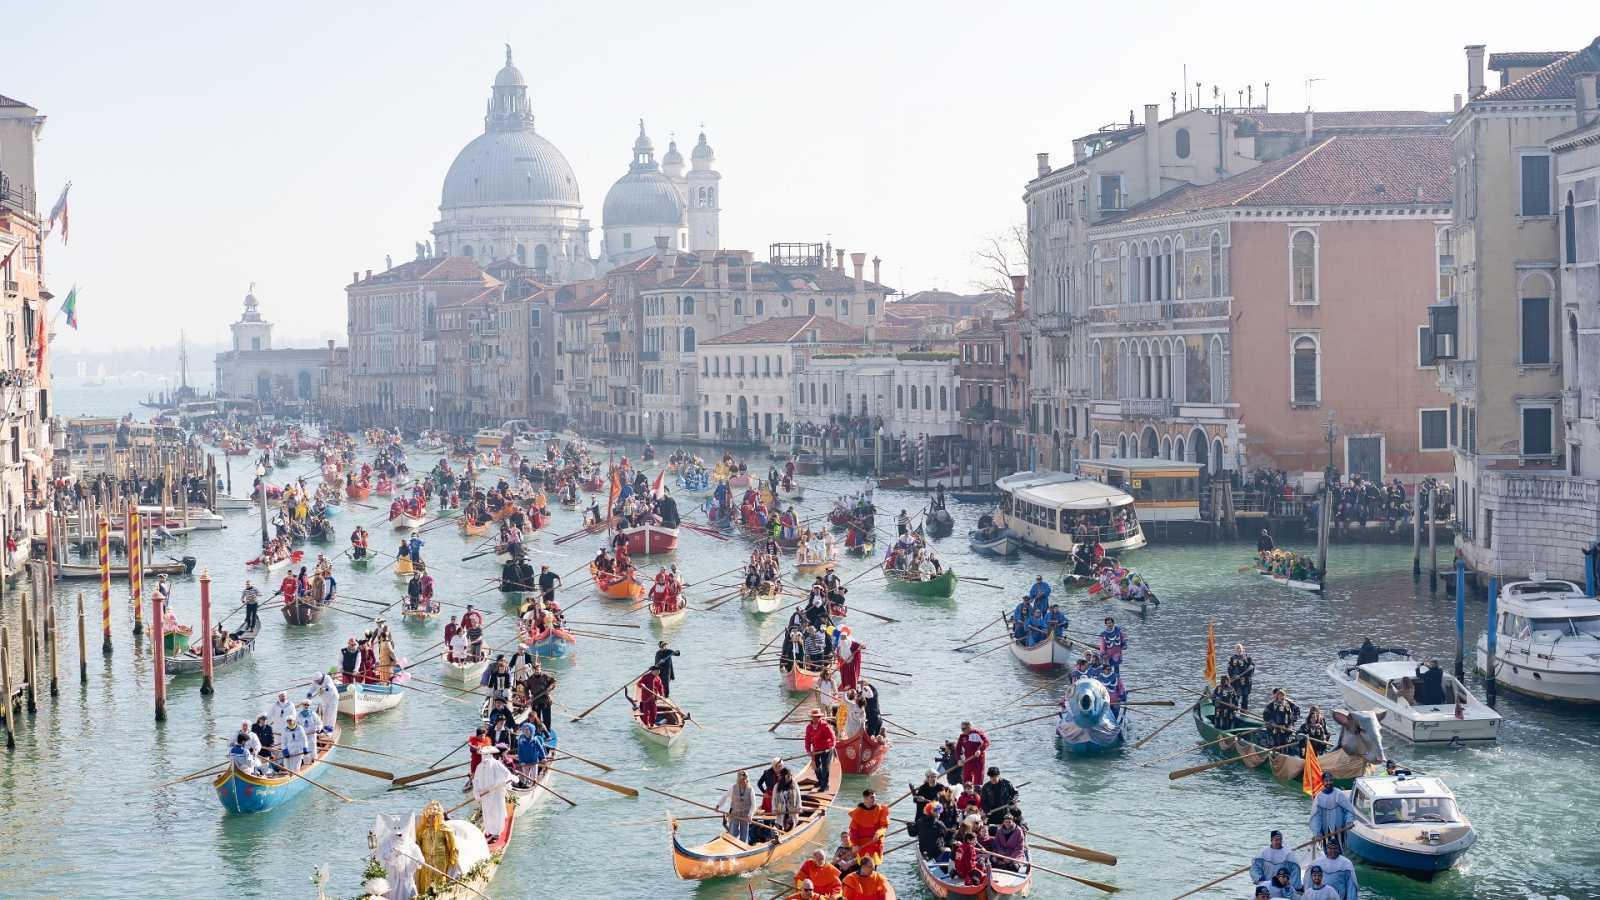 Venecia cobrará una entrada de 10 euros a los turistas que quieran visitar la ciudad